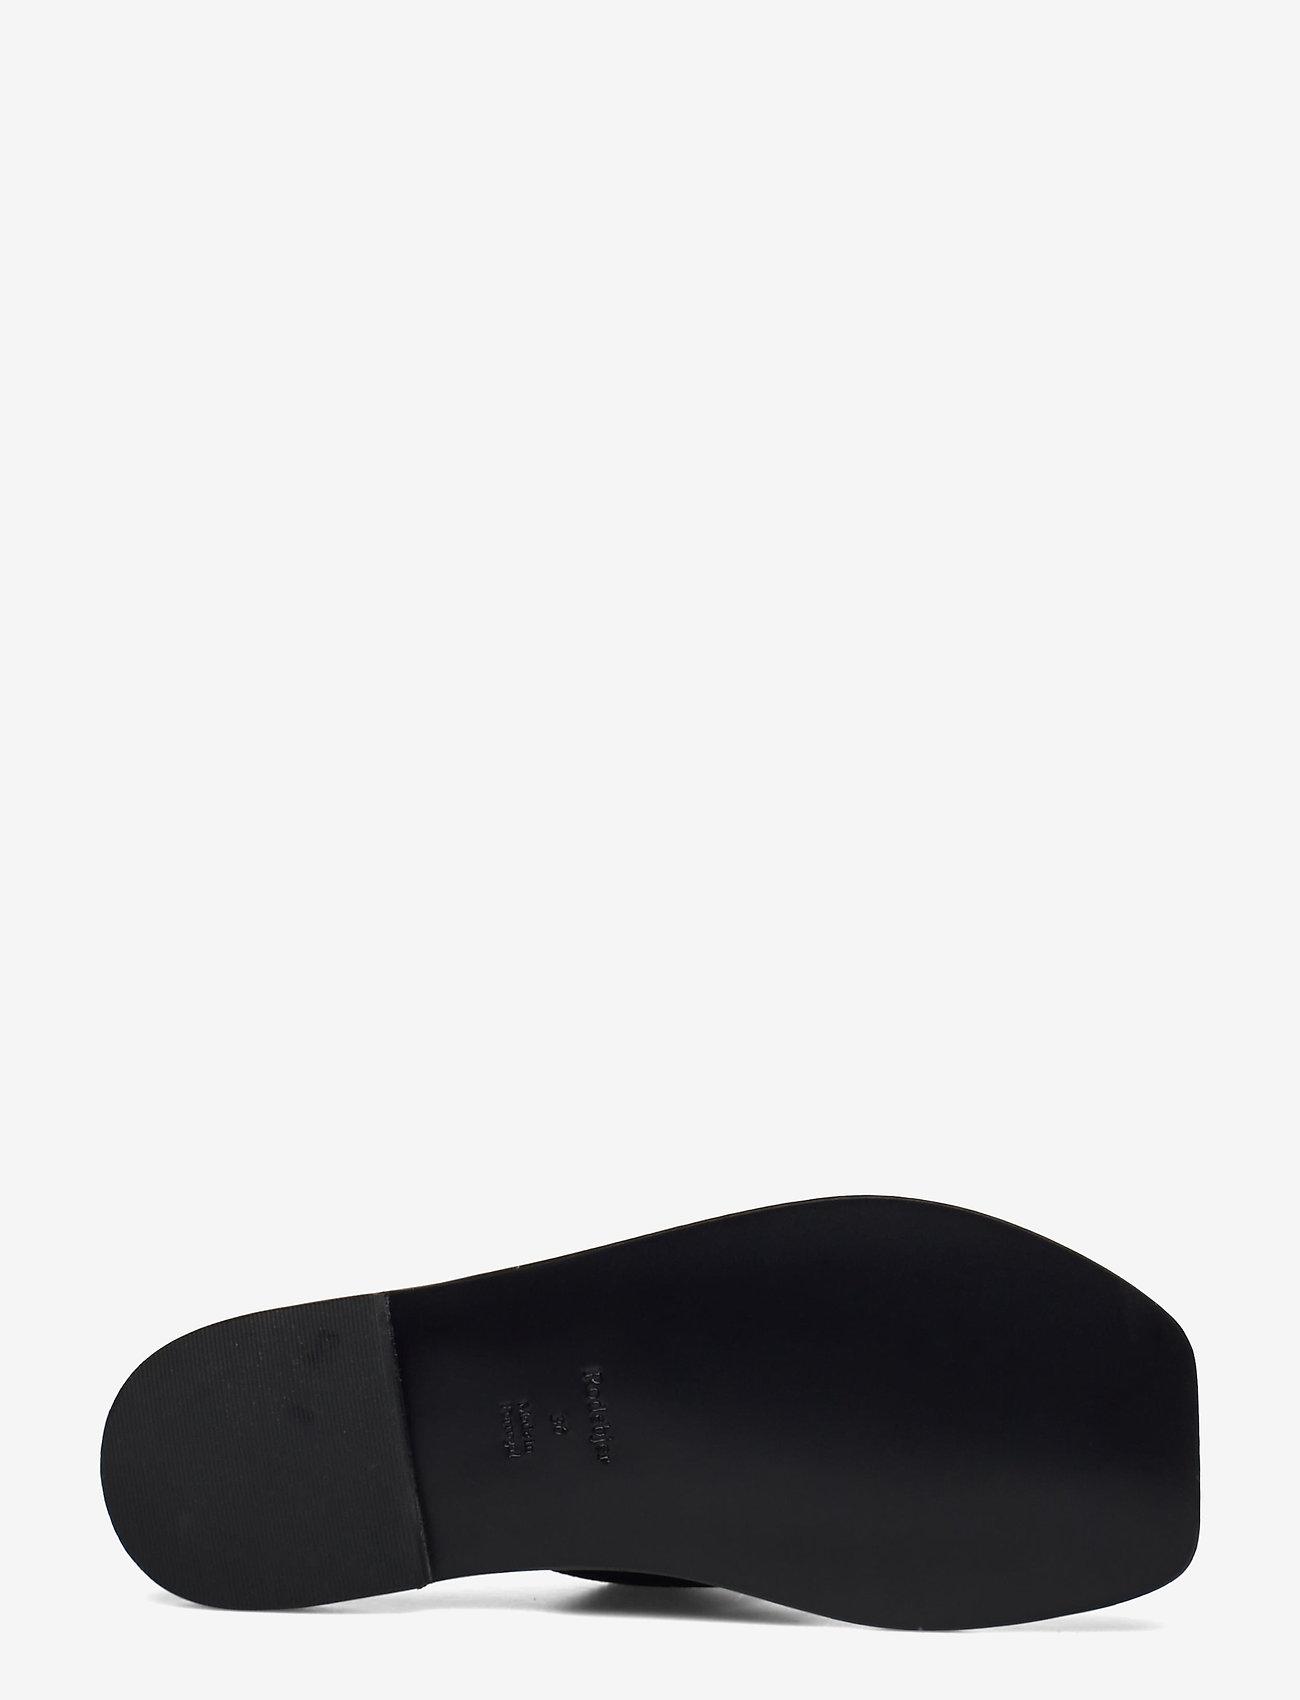 RODEBJER - RODEBJER ROZA - flade sandaler - black - 4